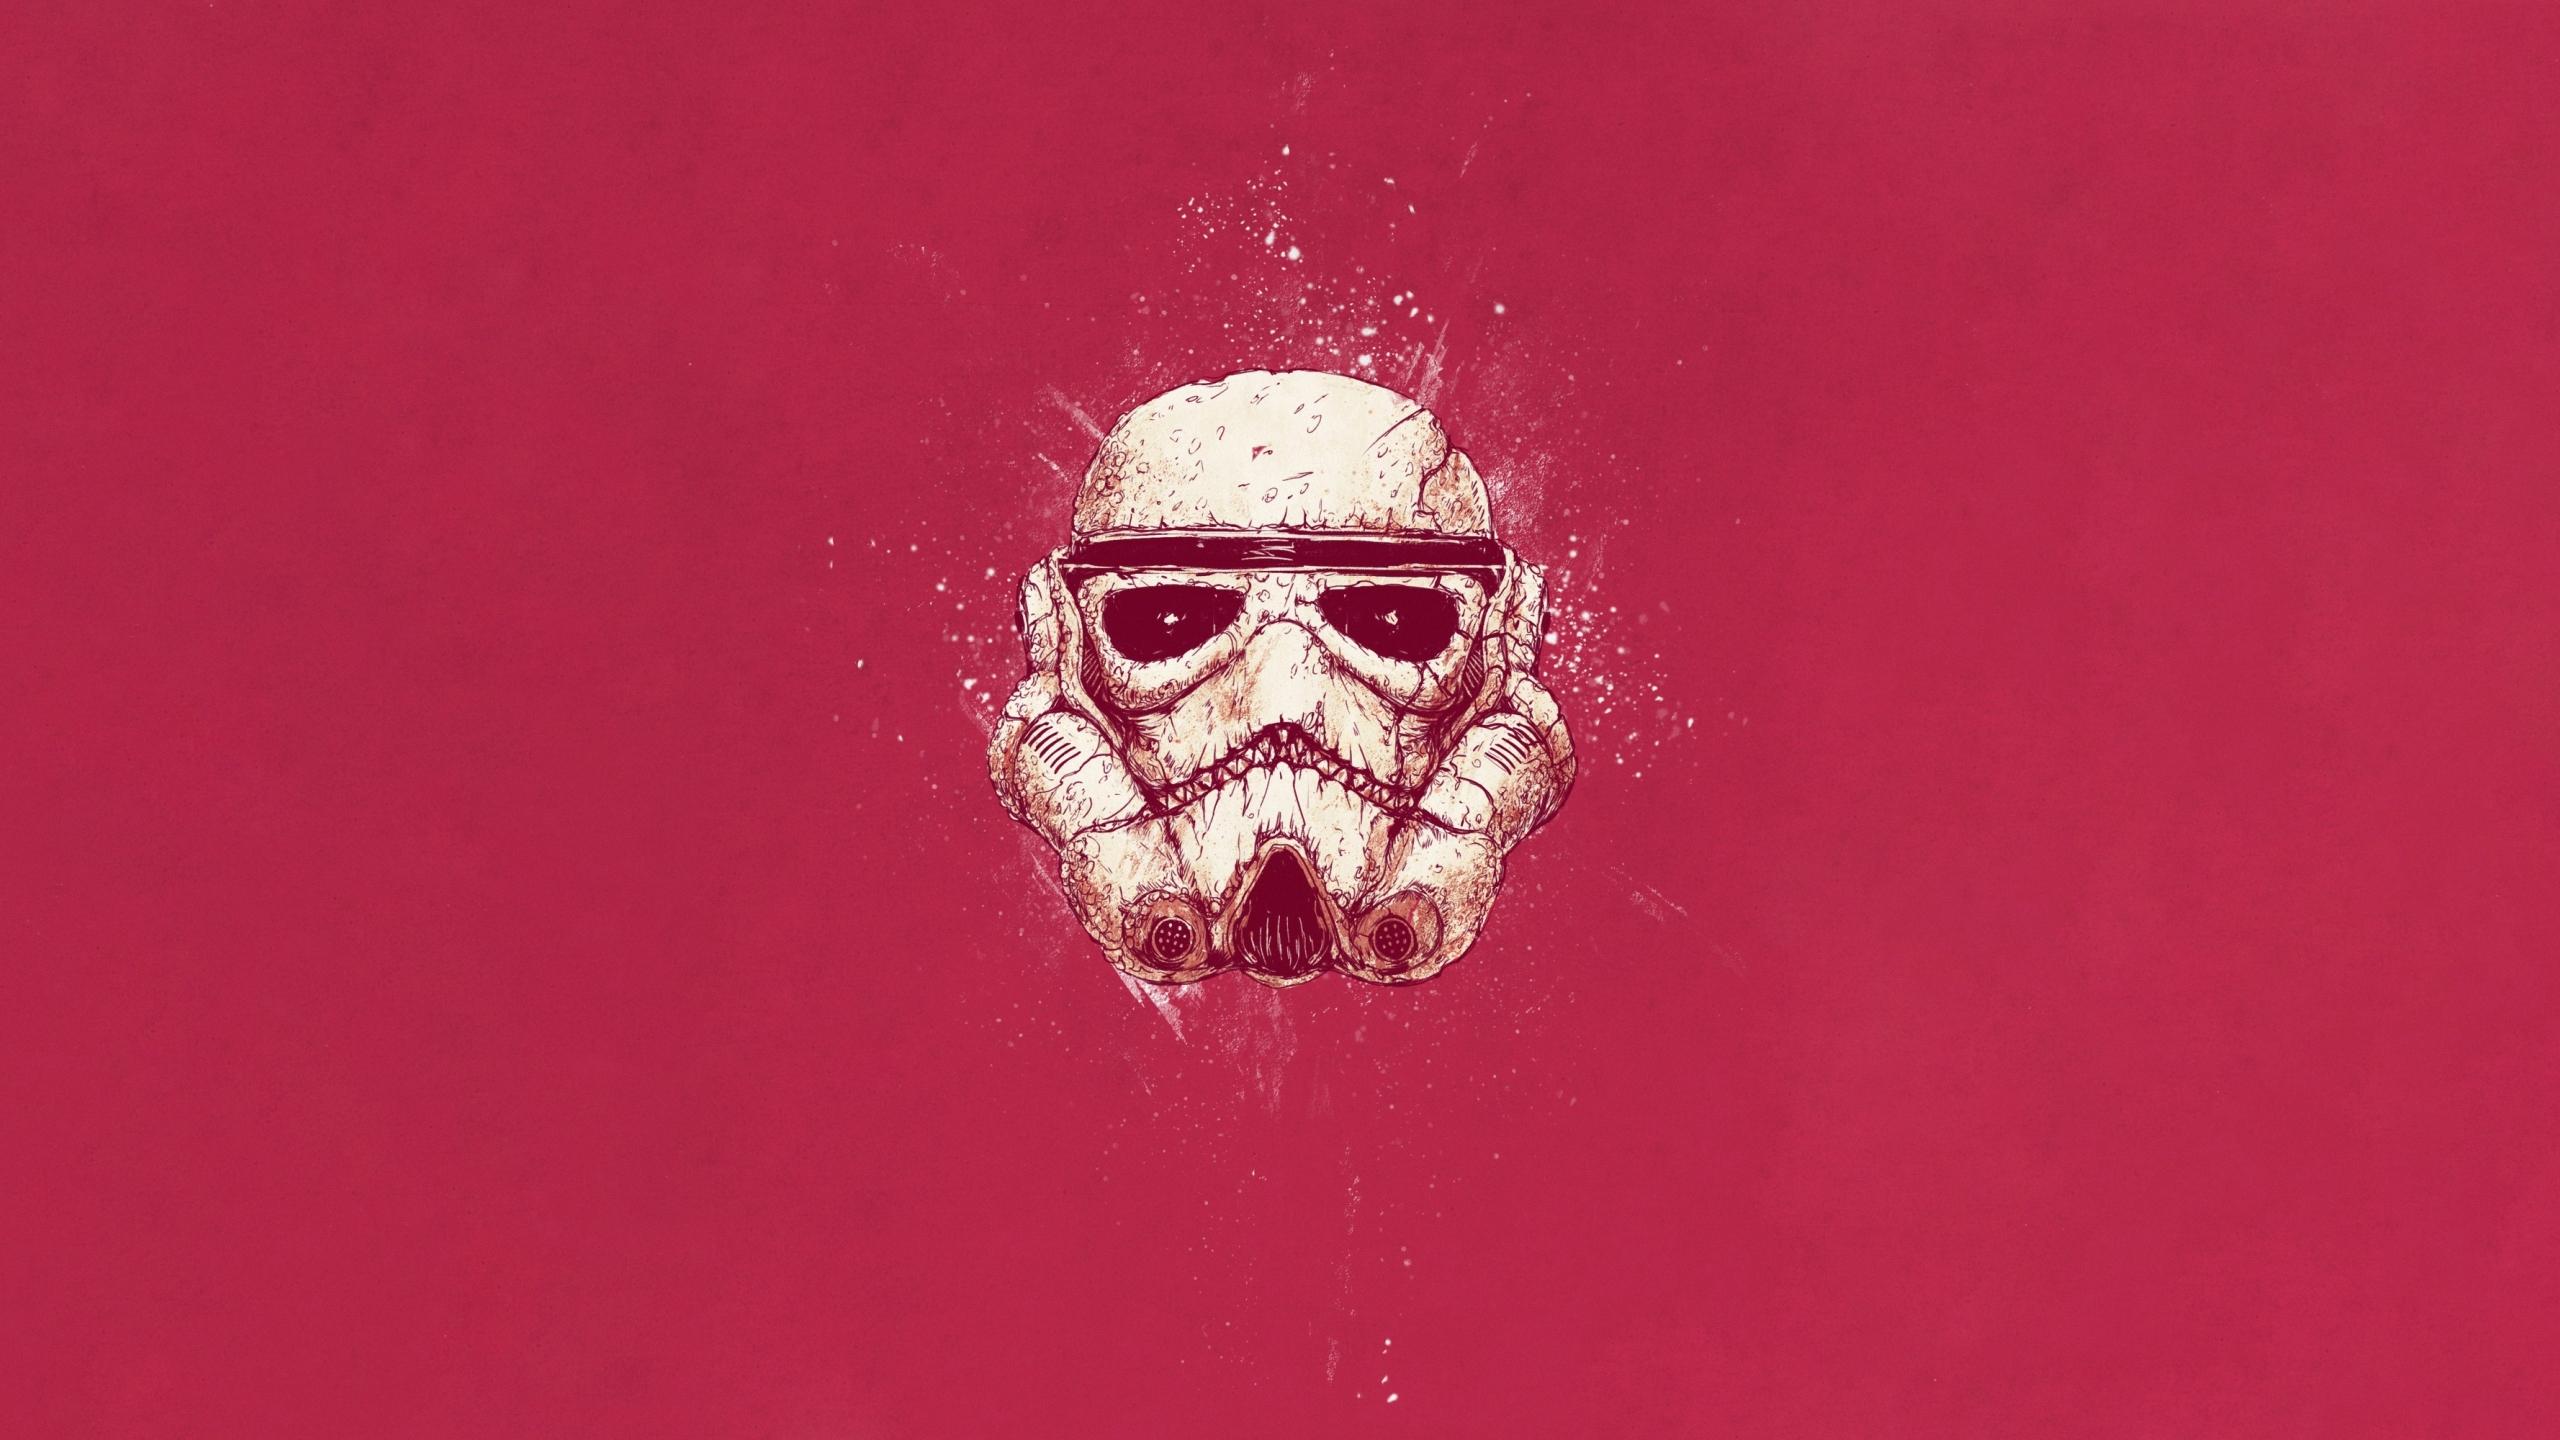 Stormtrooper 4k Resolution Stormtrooper Star Wars Wallpaper 4k Singebloggg